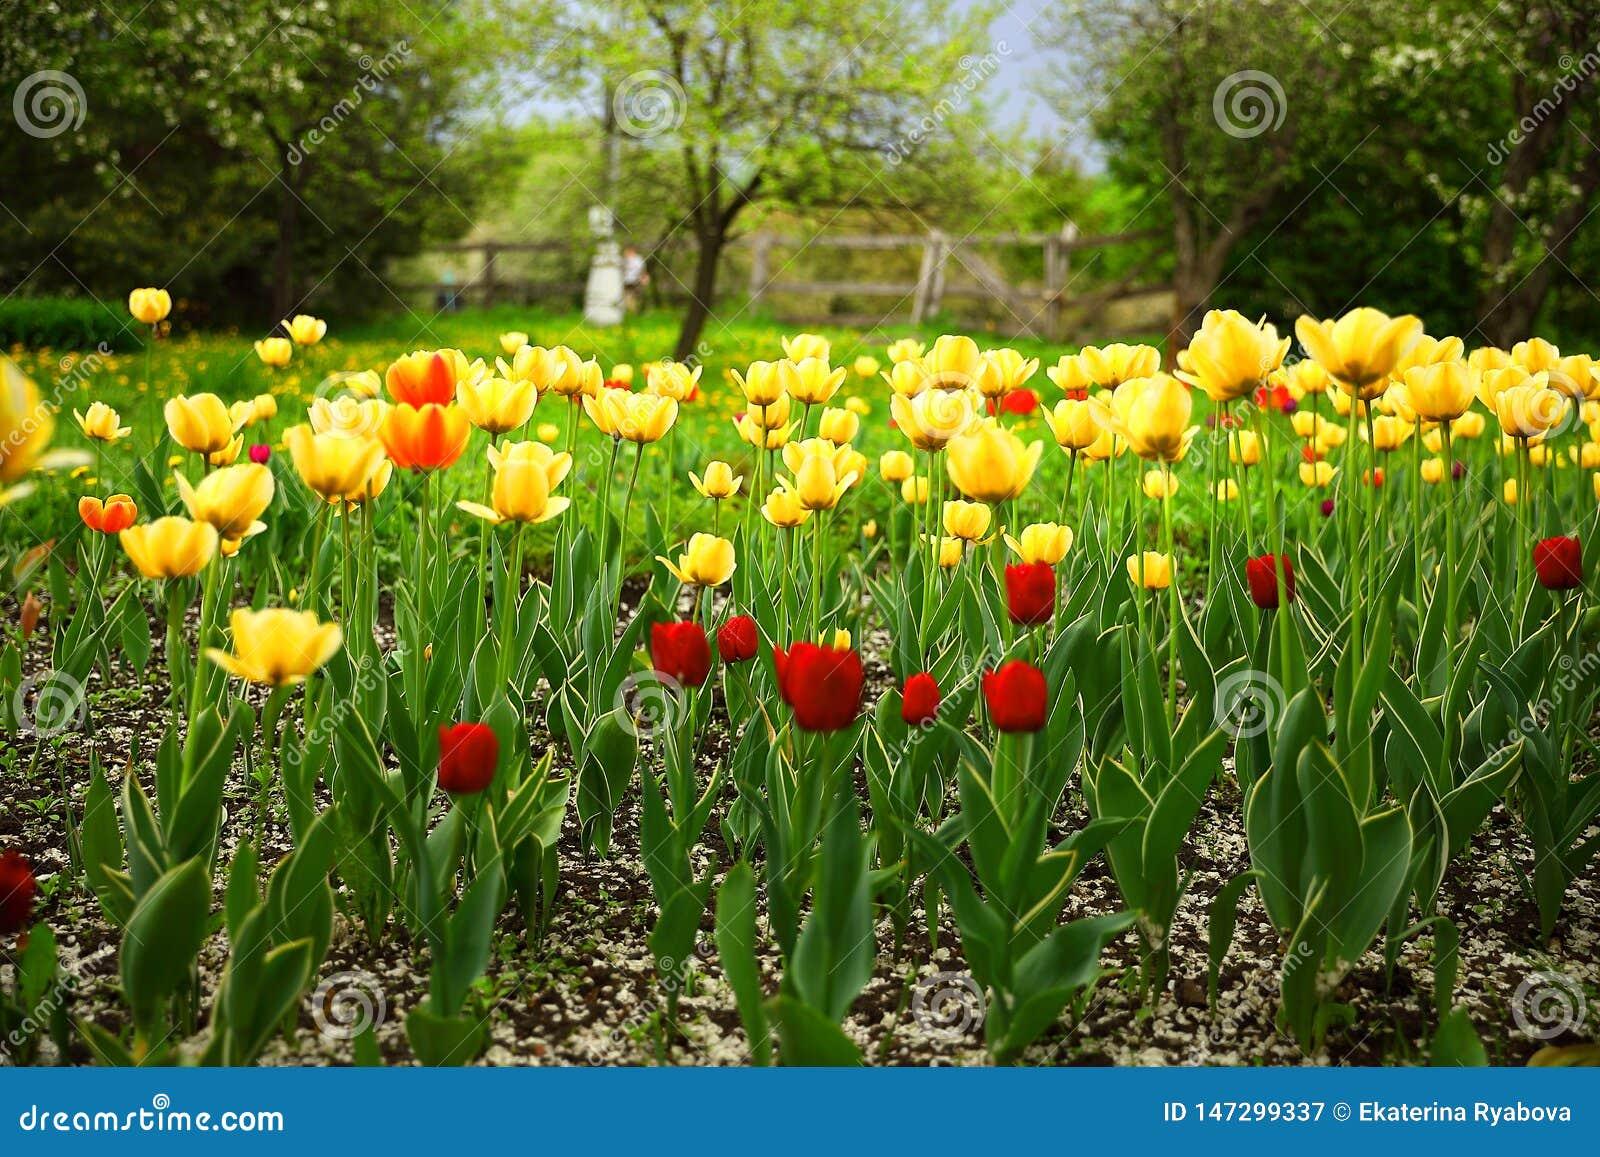 Tulipanes rojos y amarillos en el jard?n